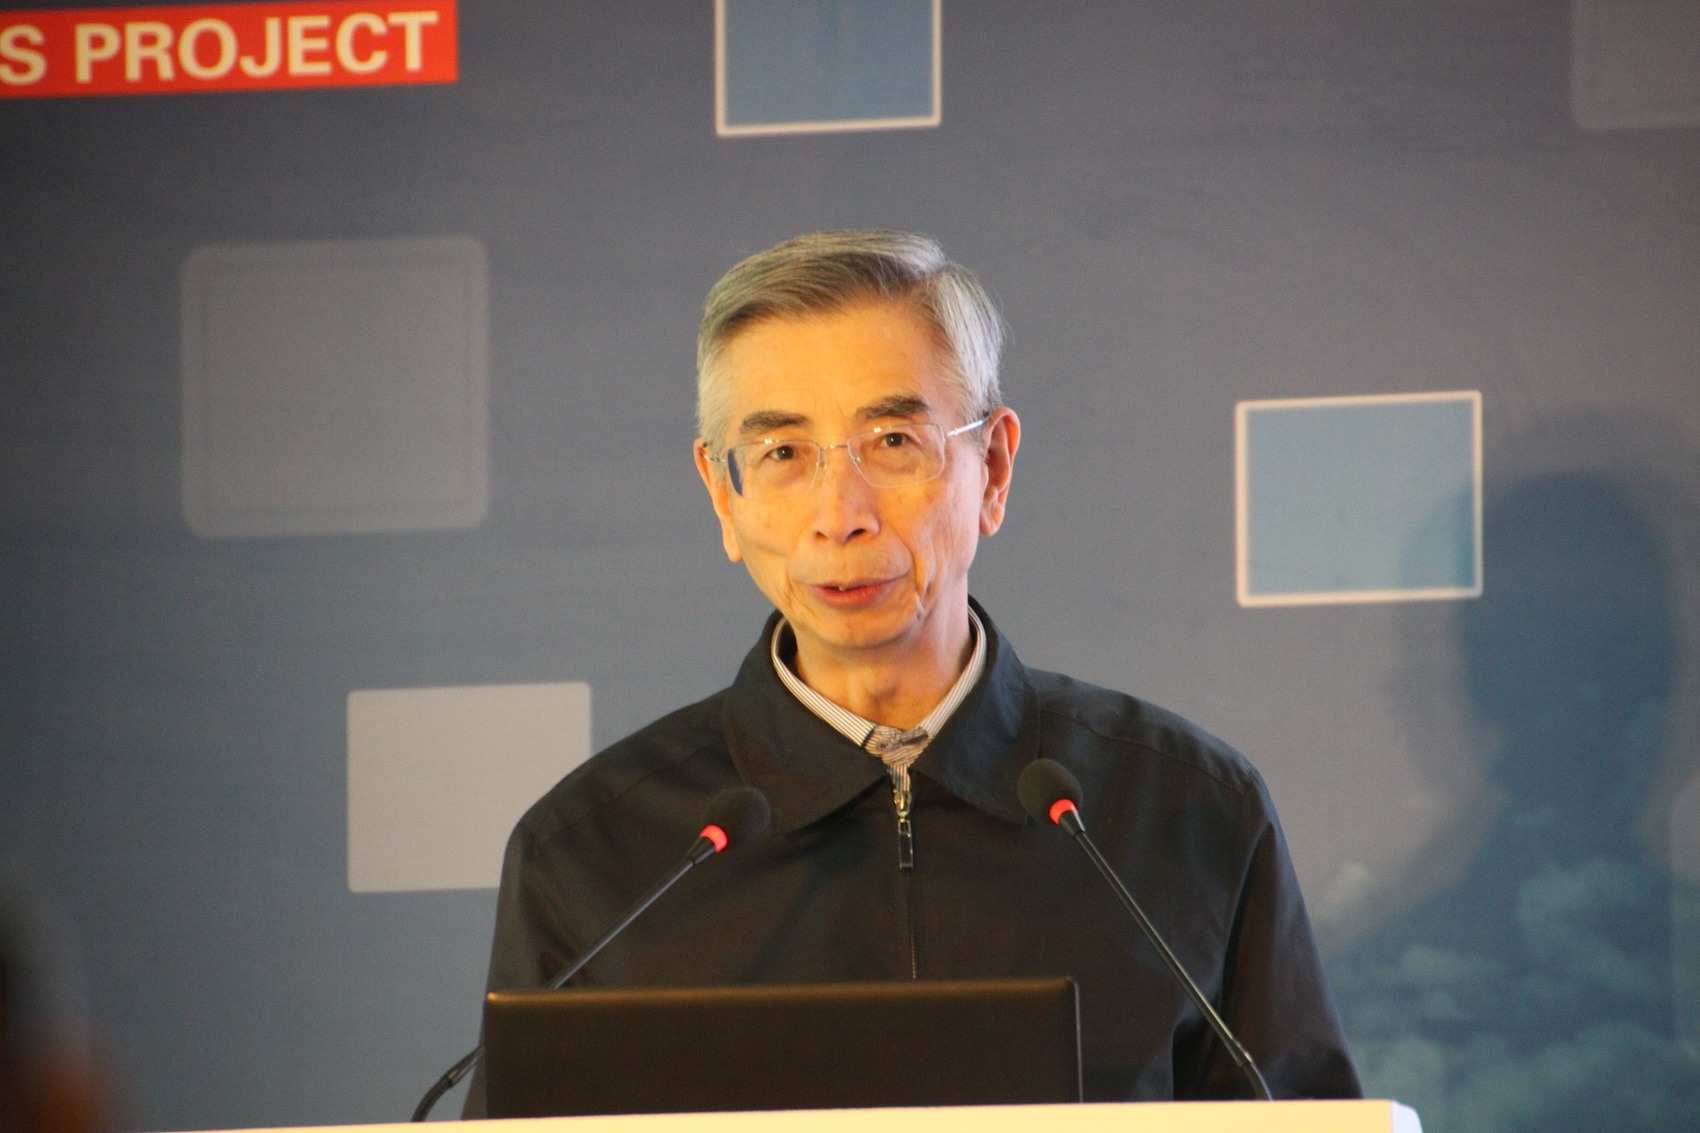 倪光南院士谈互联网大会:共建网络空间每次都有更大进展